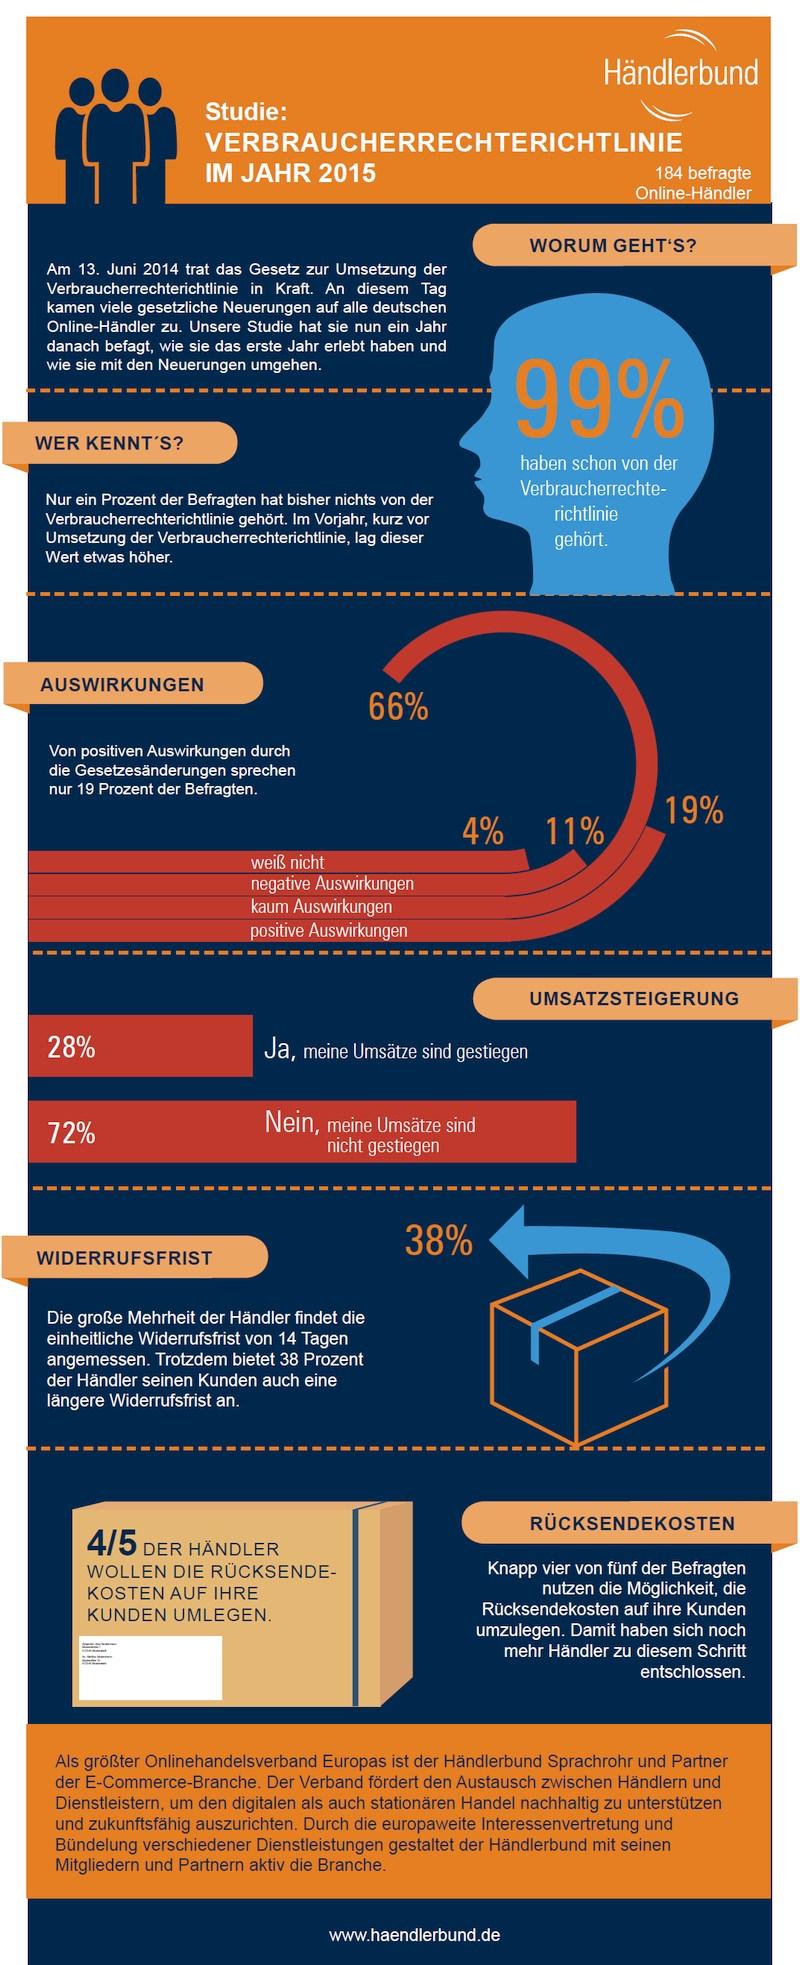 infografik händlerbund verbraucherrechterichtlinie